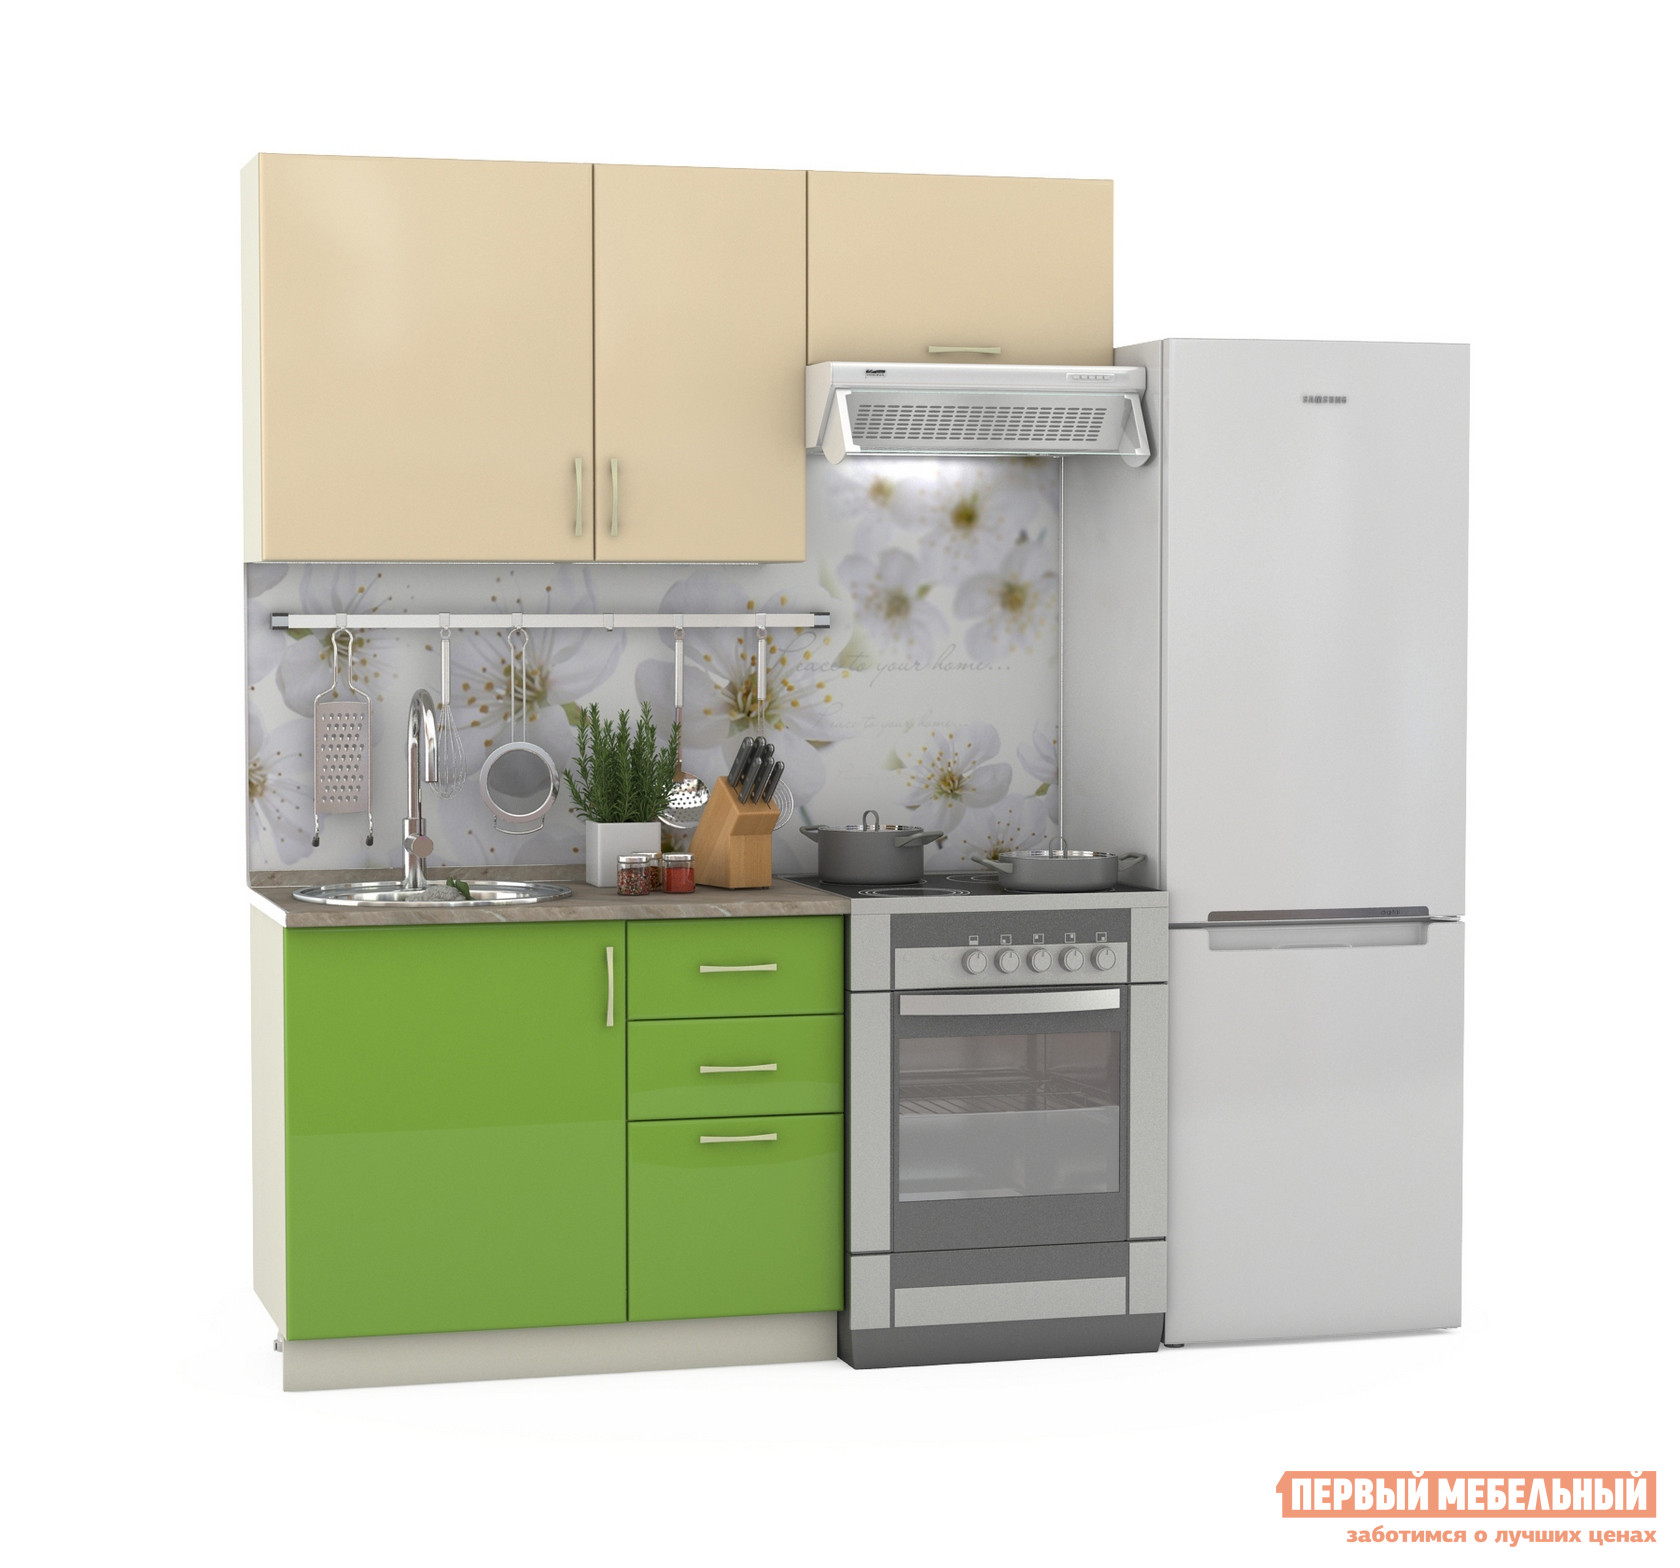 Кухонный гарнитур Бит и Байт Сандра-2 160 см кухонный гарнитур витра палермо 300 2